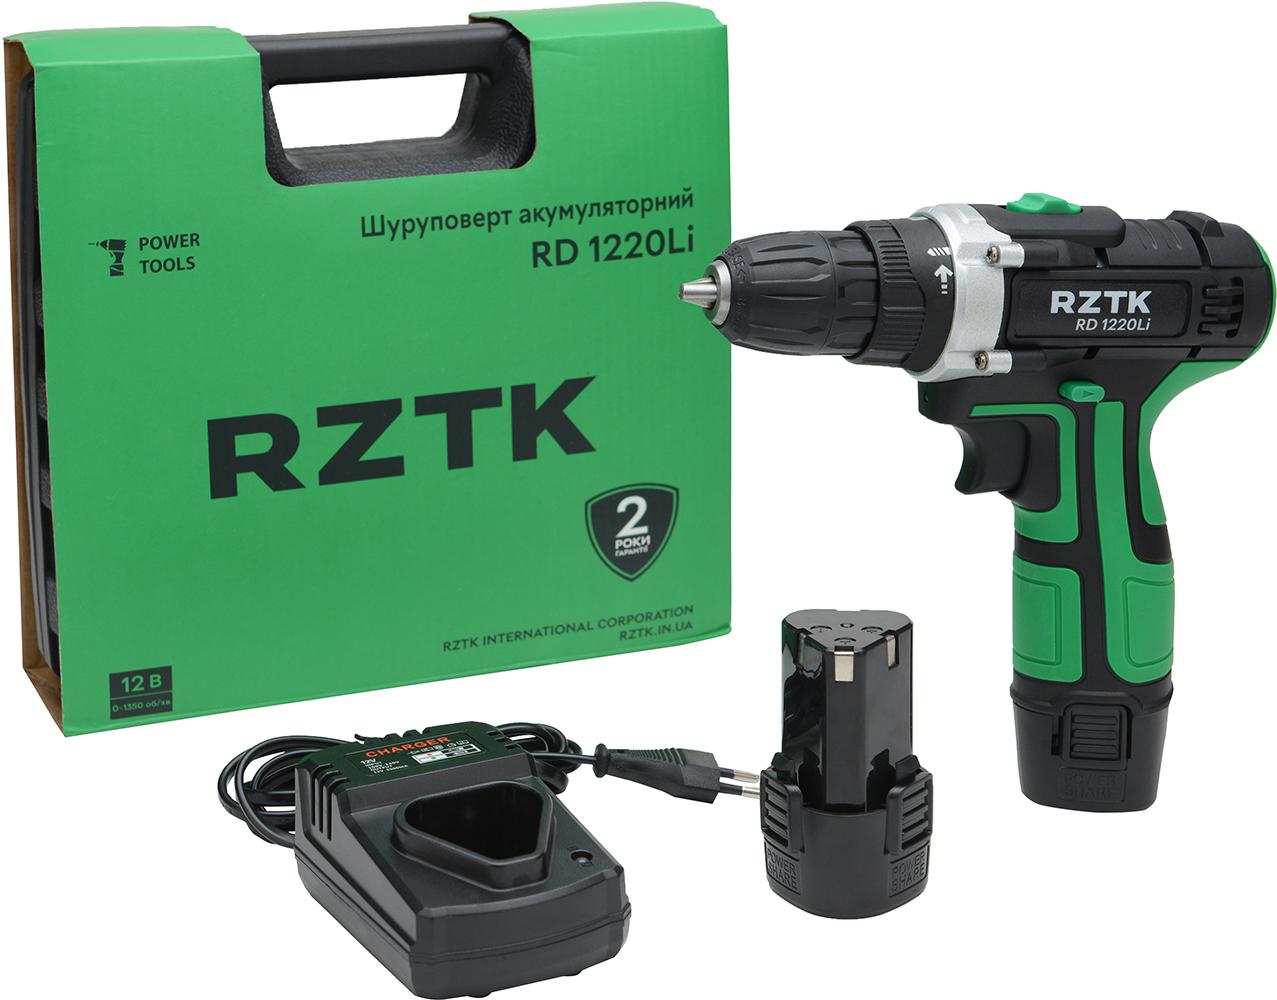 Дриль-шурупокрут акумуляторний RZTK RD 1220Li